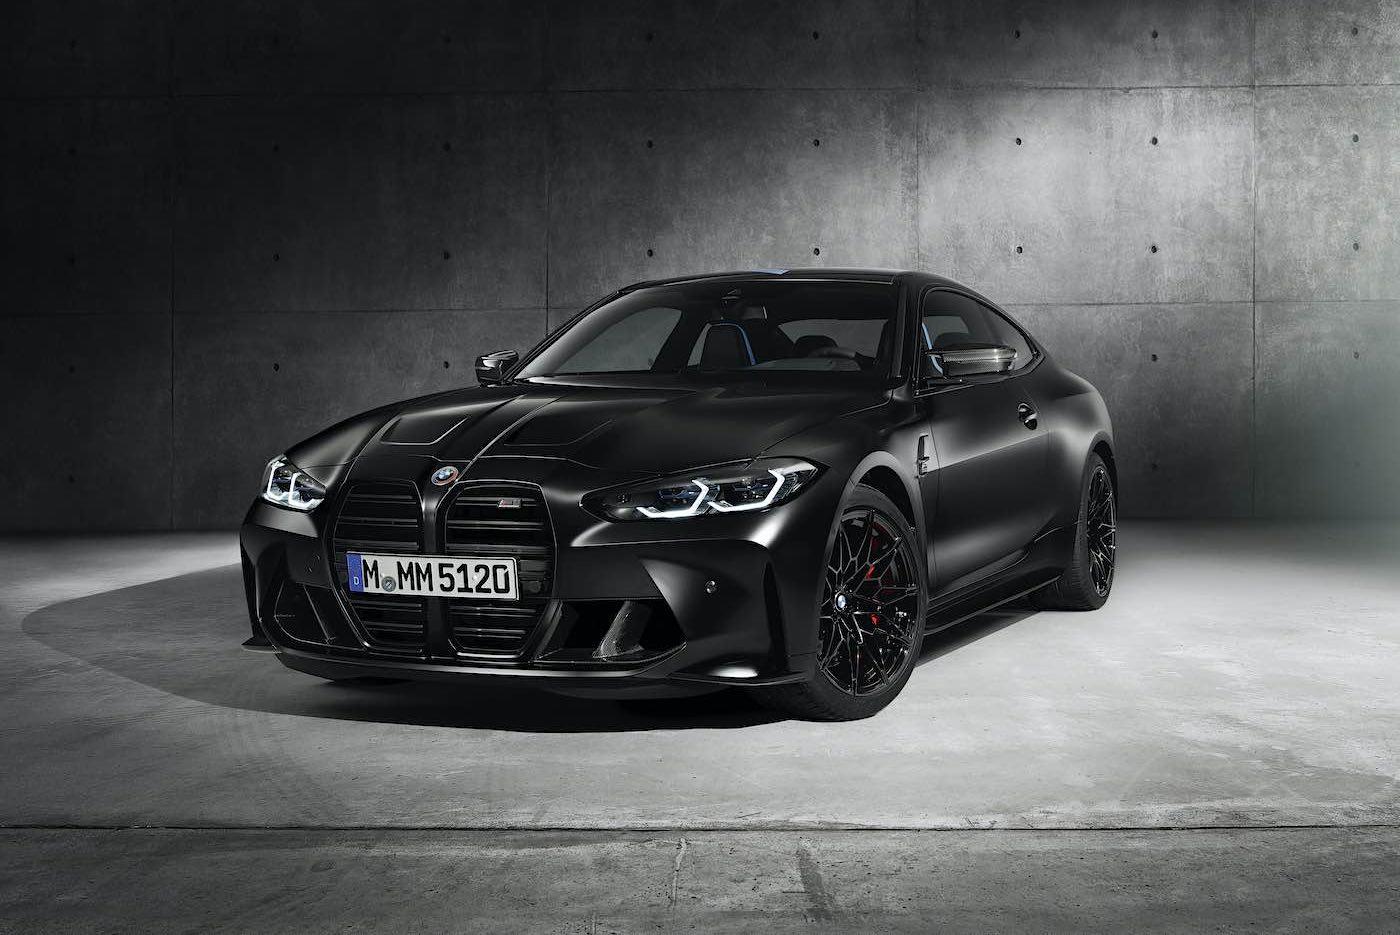 BMW y Kith se asocian en la versión exclusiva de edición especial del nuevo BMW M4 Competition Coupé